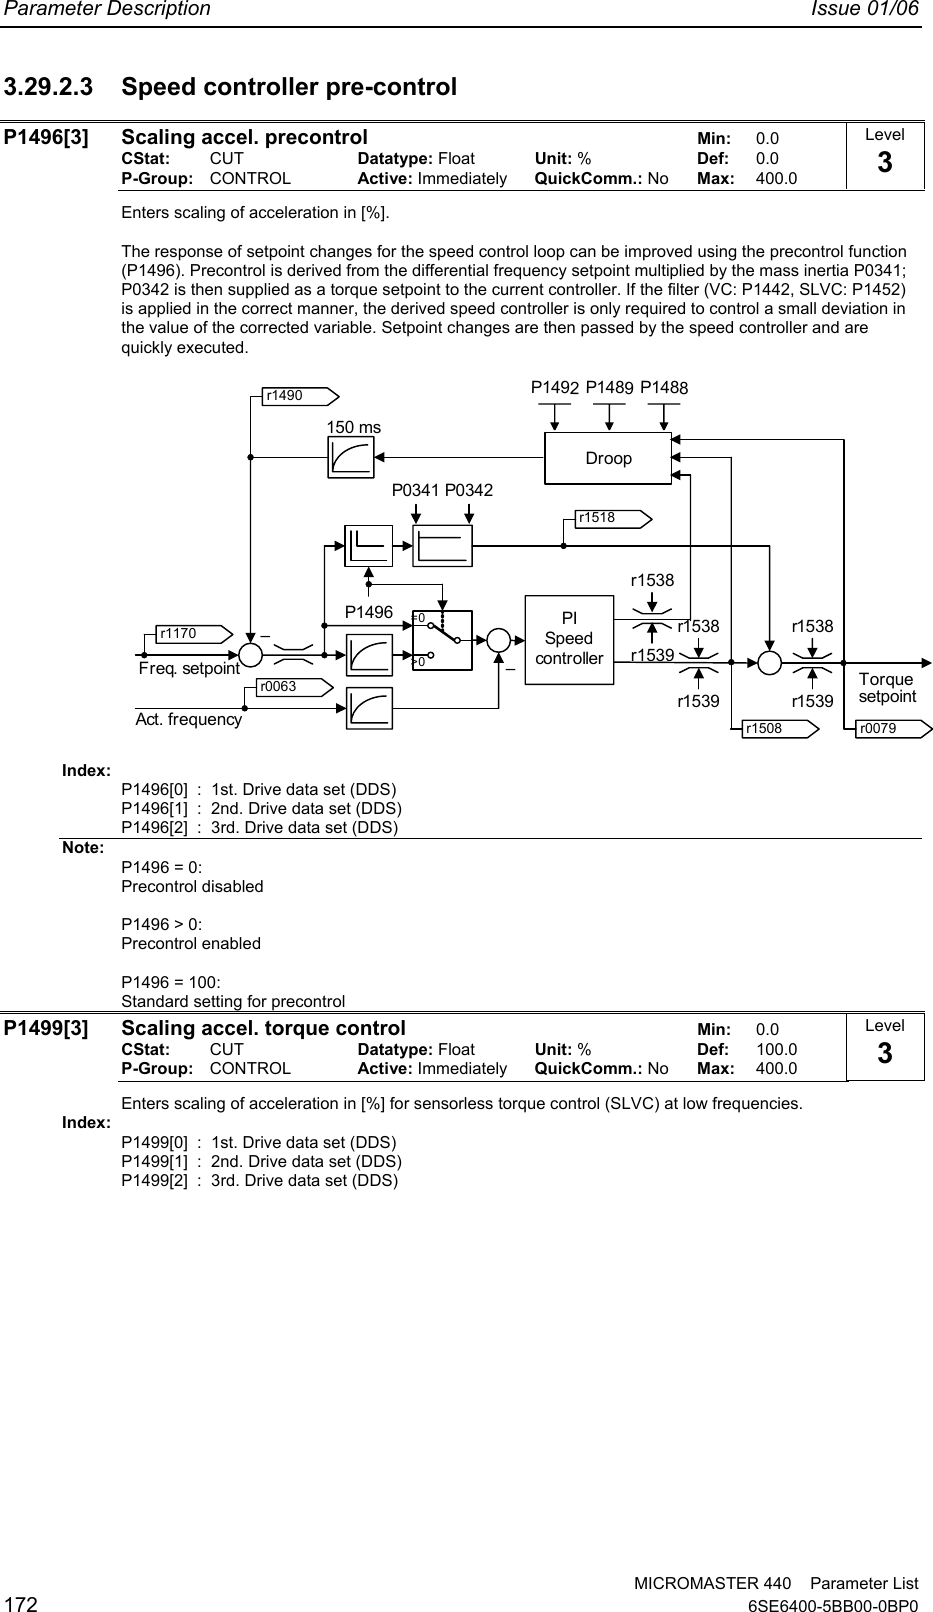 Siemens Micromaster 440 Users Manual 440_PLi_en_0106